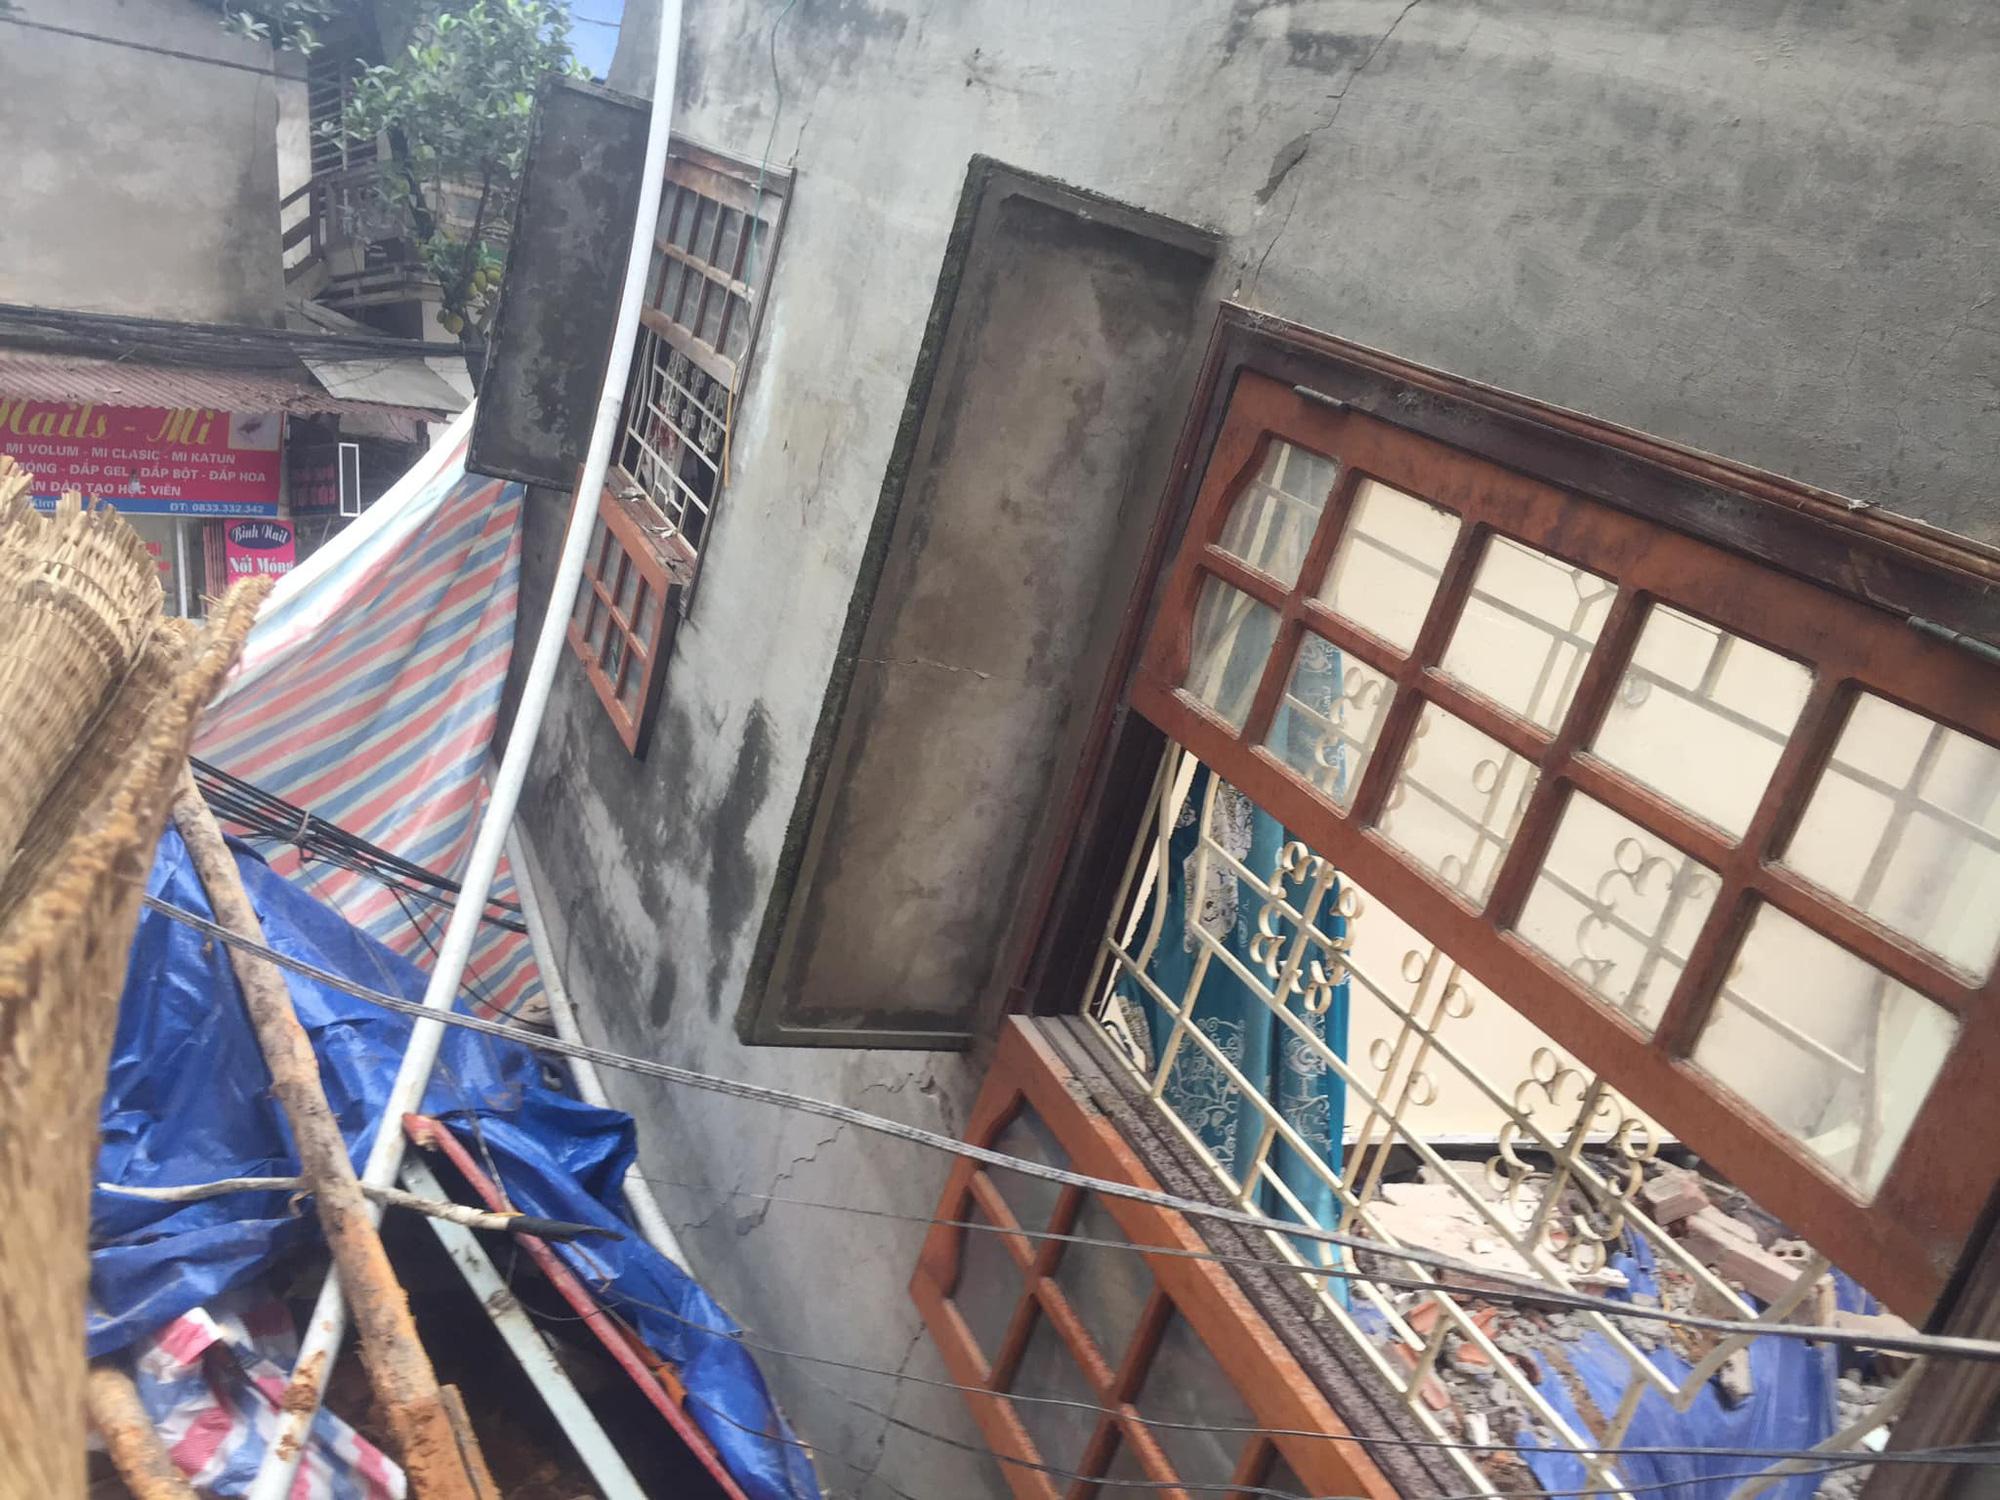 Ngôi nhà 2 tầng bất ngờ đổ sập xuống đường ở thành phố Lào Cai - Ảnh 1.